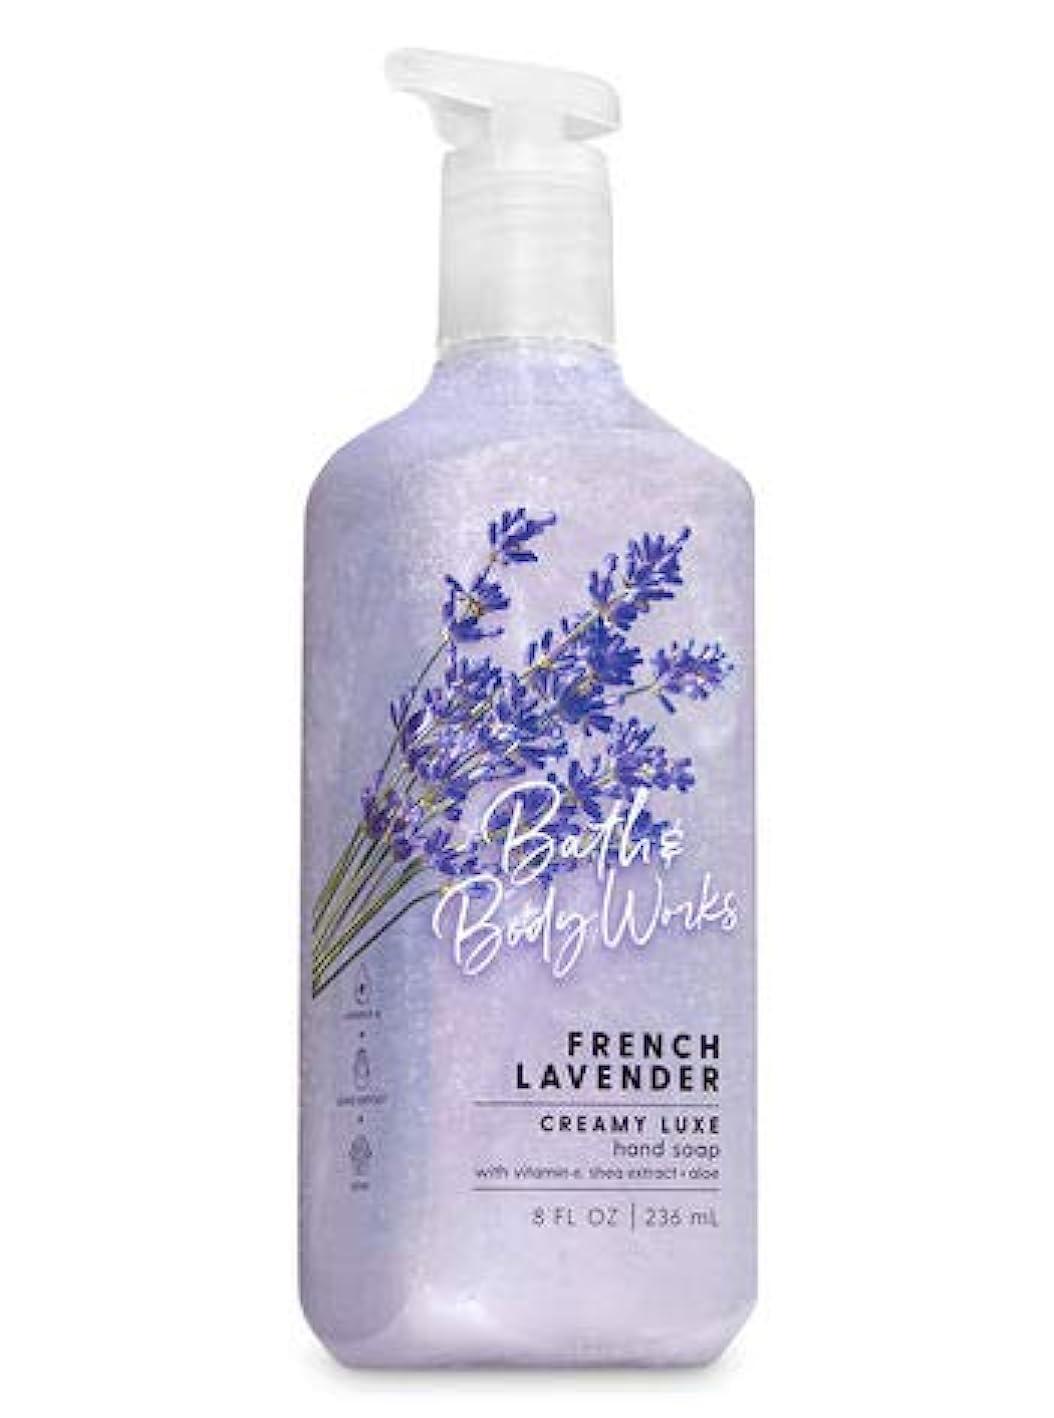 ダッシュ裏切り者服を着るバス&ボディワークス フレンチラベンダー クリーミーハンドソープ French Lavender Creamy Luxe Hand Soap With Vitamine E Shea Extract + Aloe